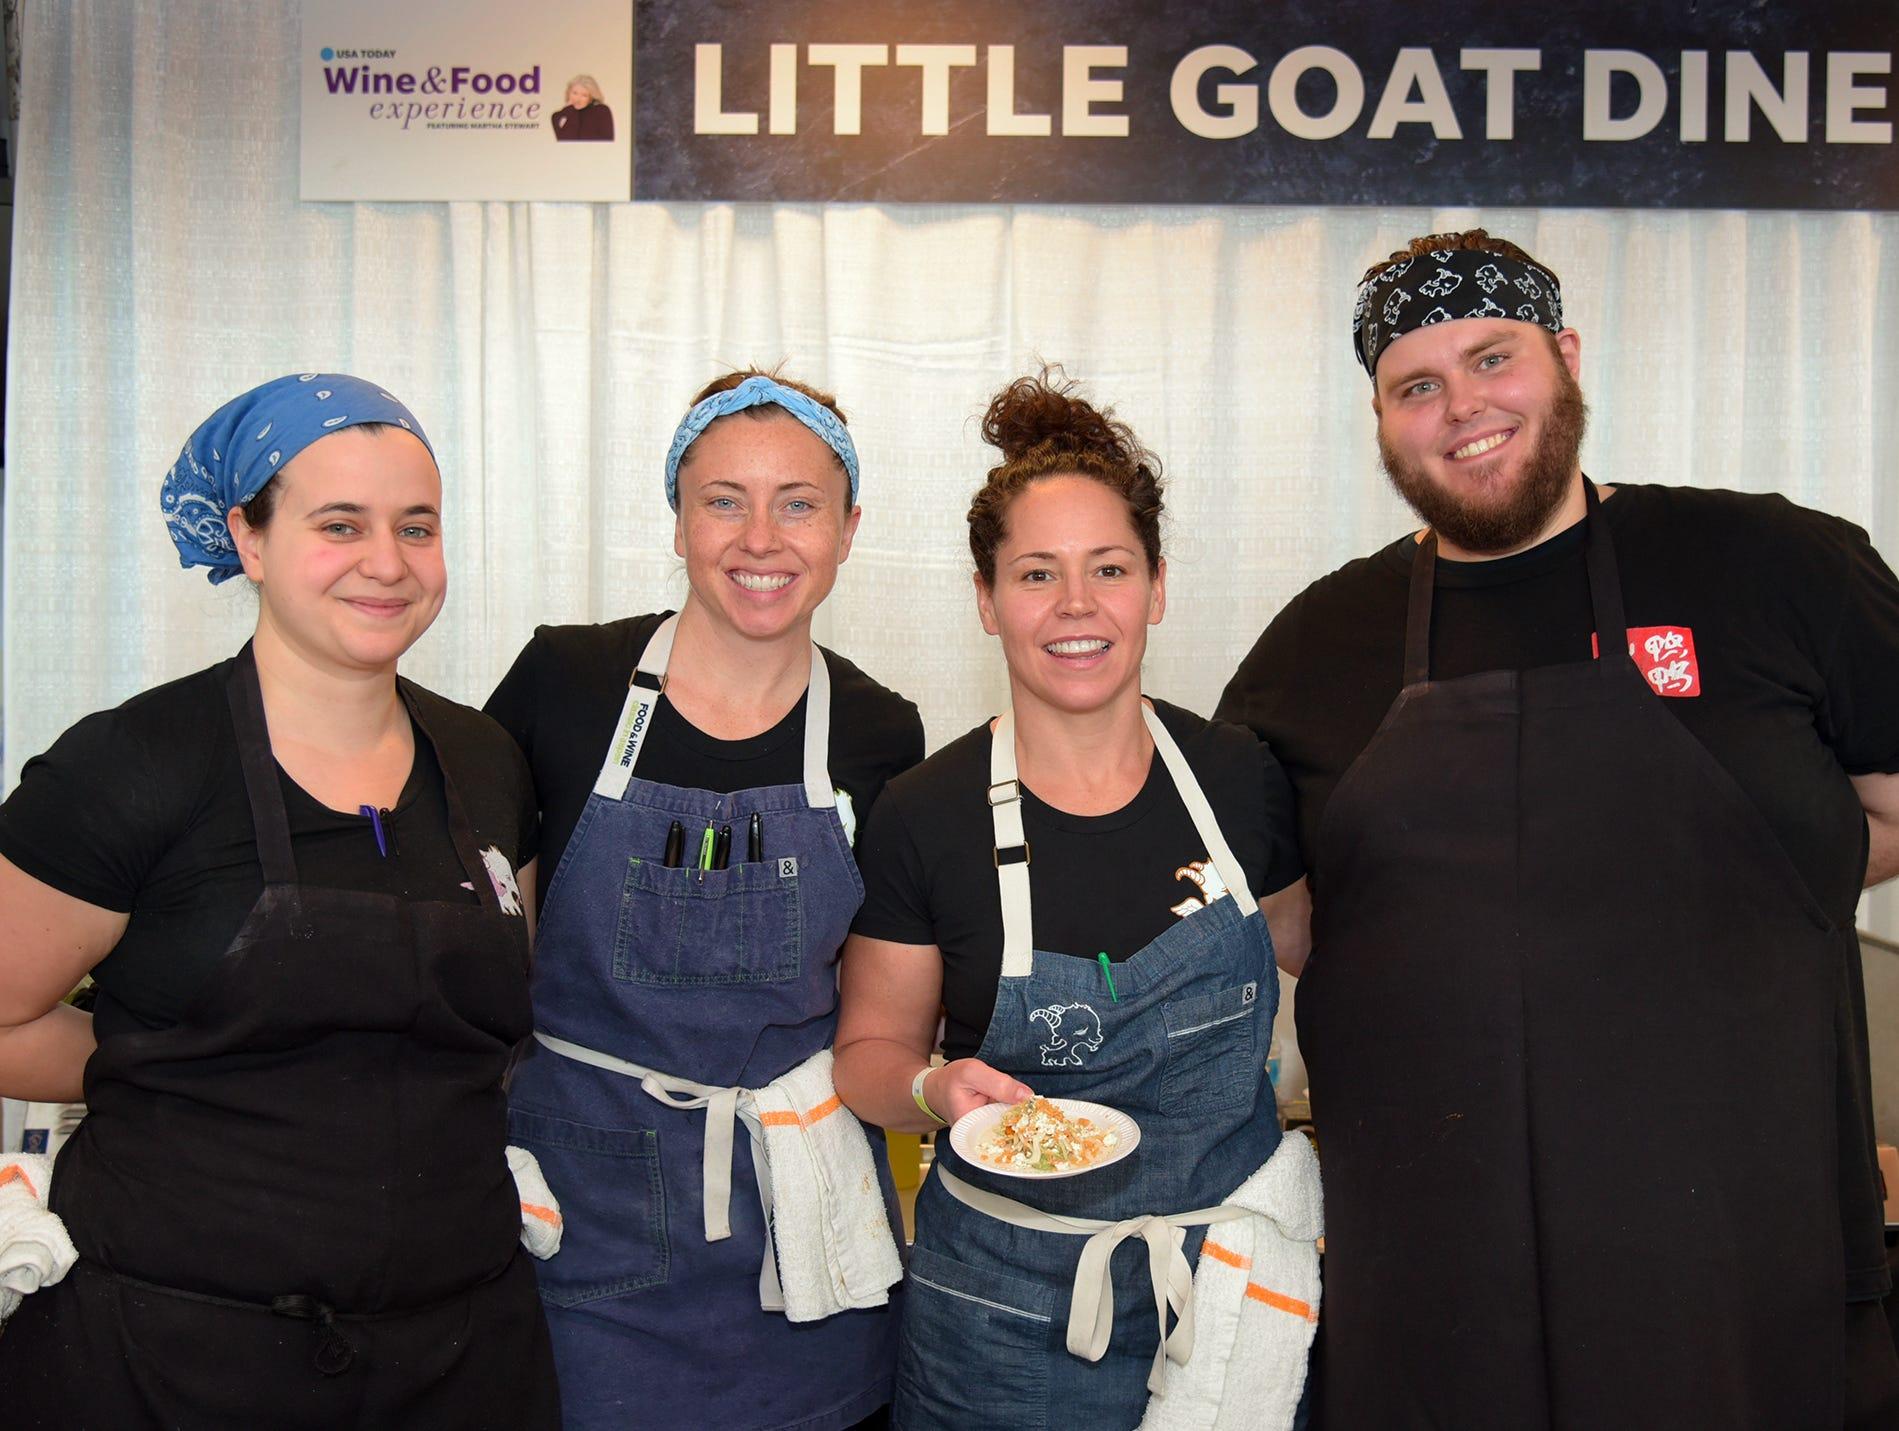 Stephanie Izard Chef, restaurateur, James Beard Award winner, Top Chef winner